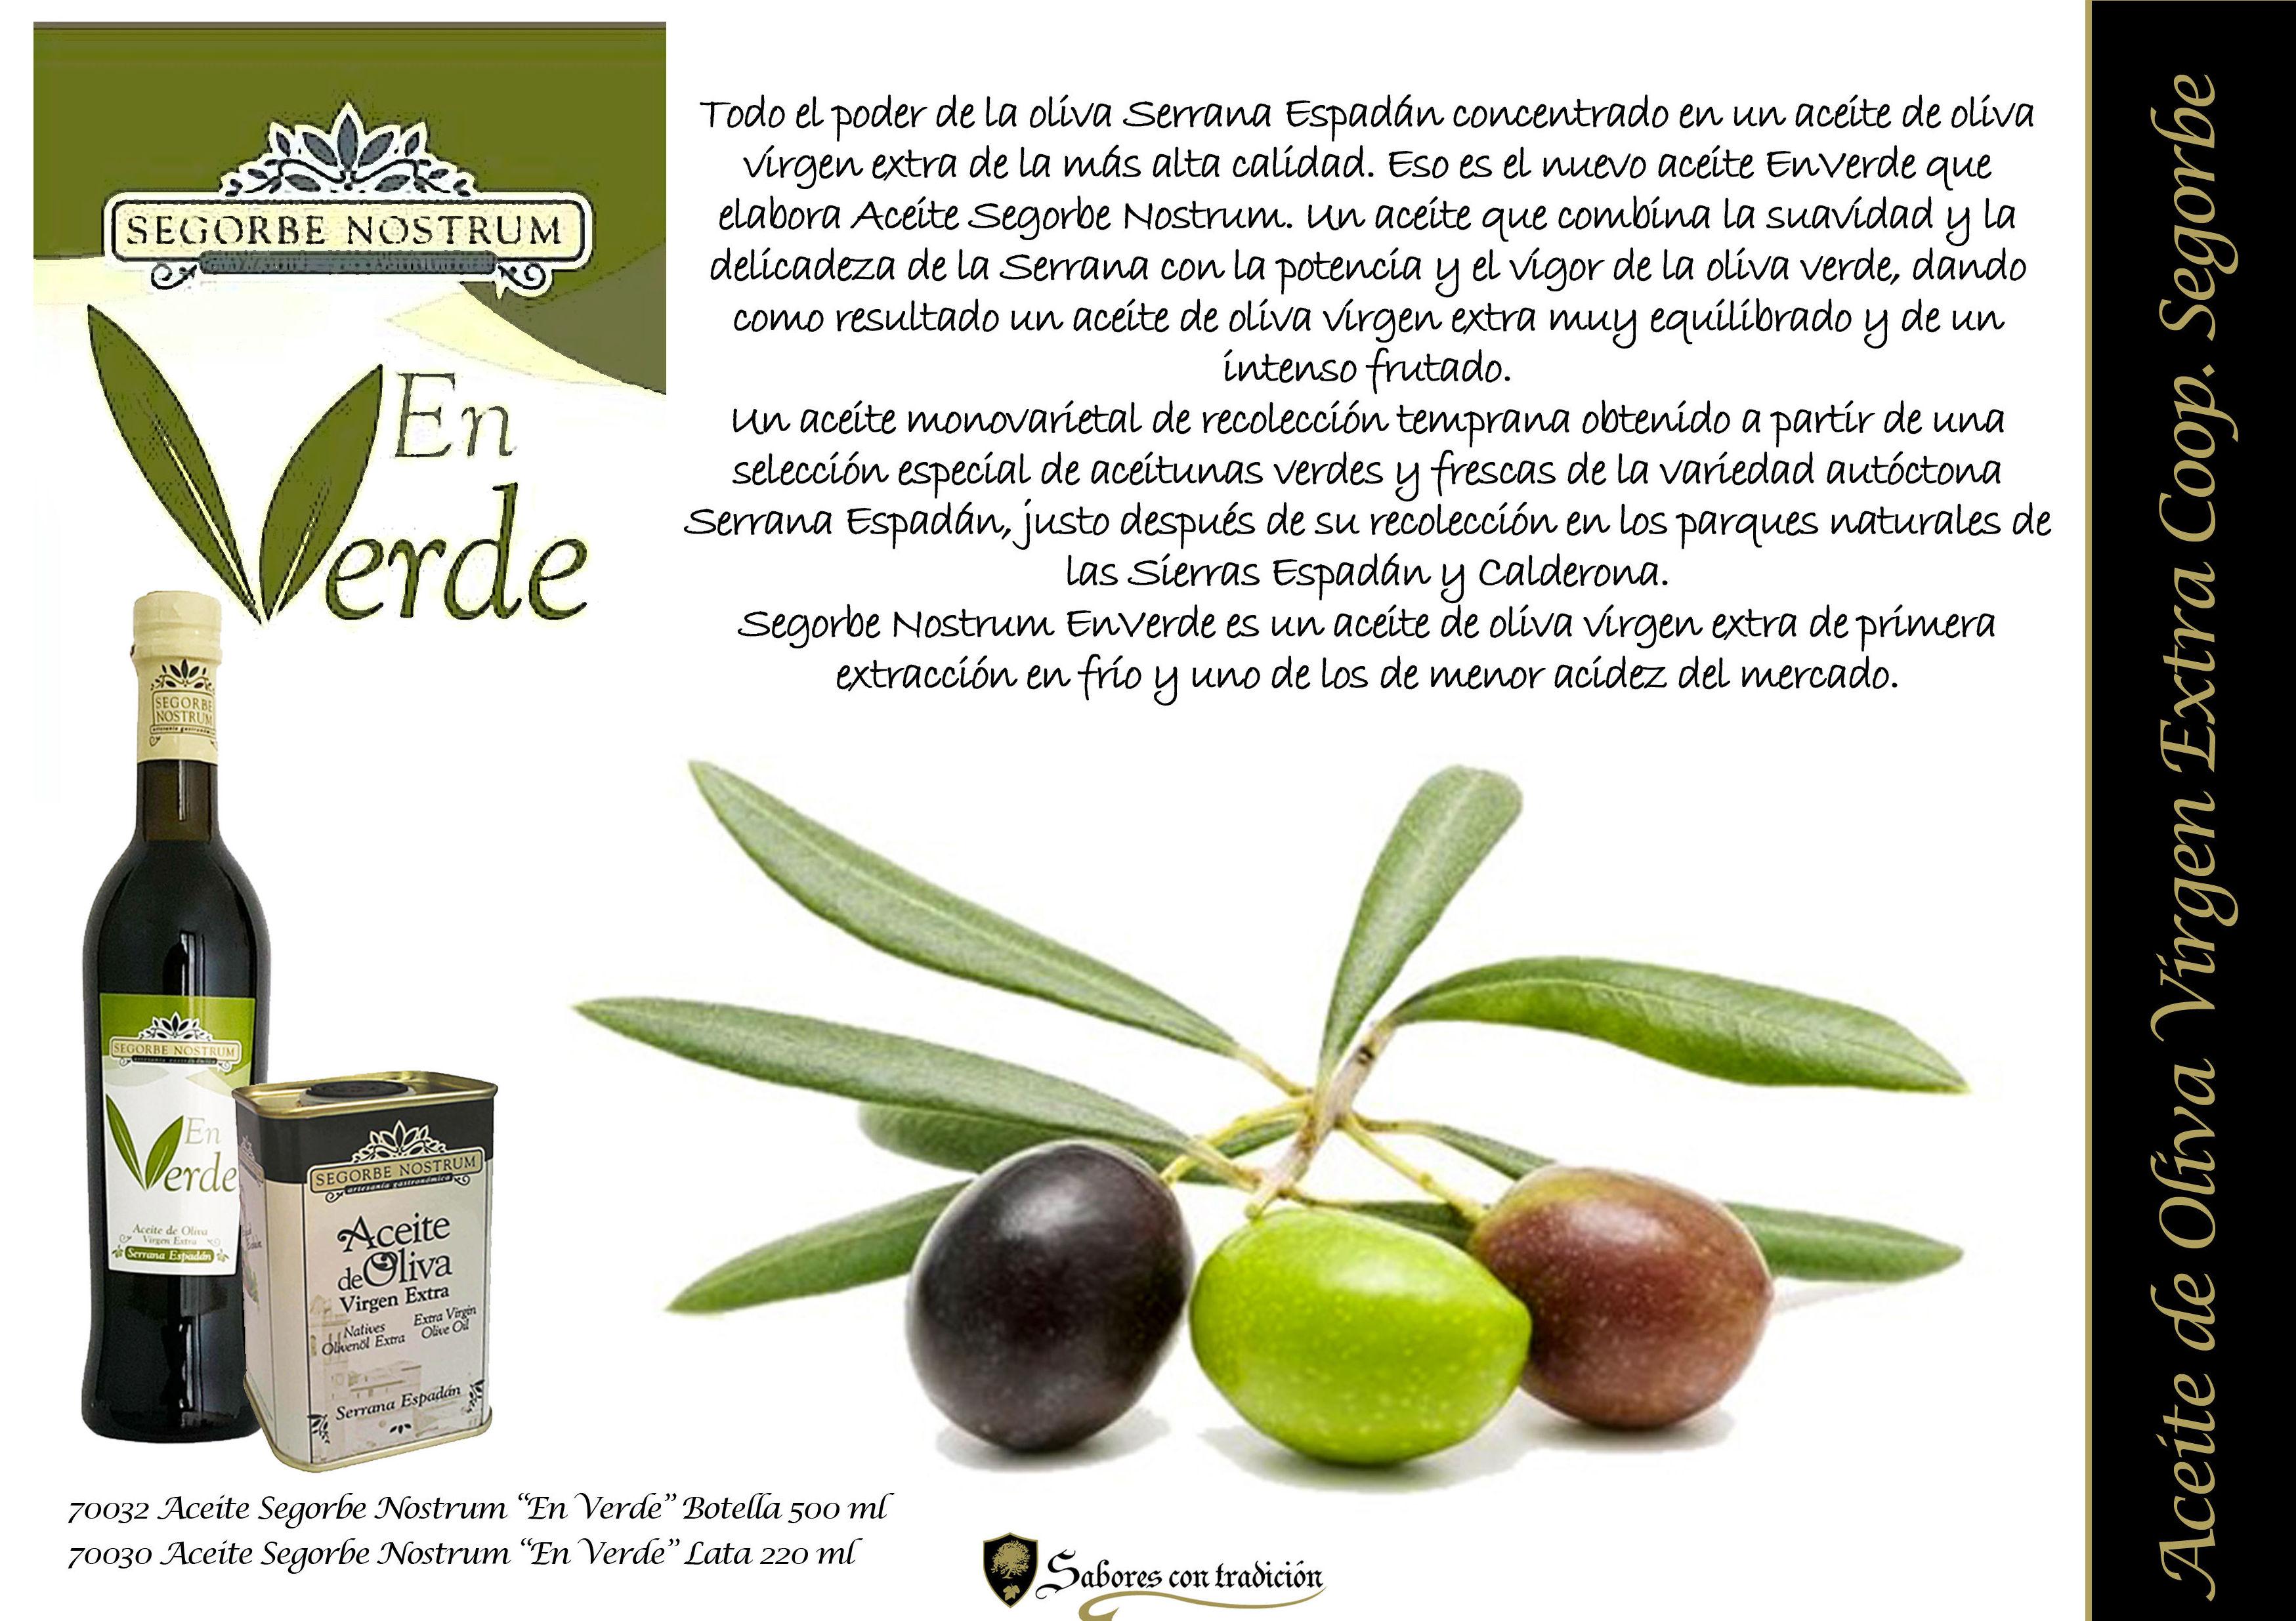 """Aceite de Oliva Virgen Extra """" Segorbe Nostrum en Verde """": Productos de Sabores con tradición"""